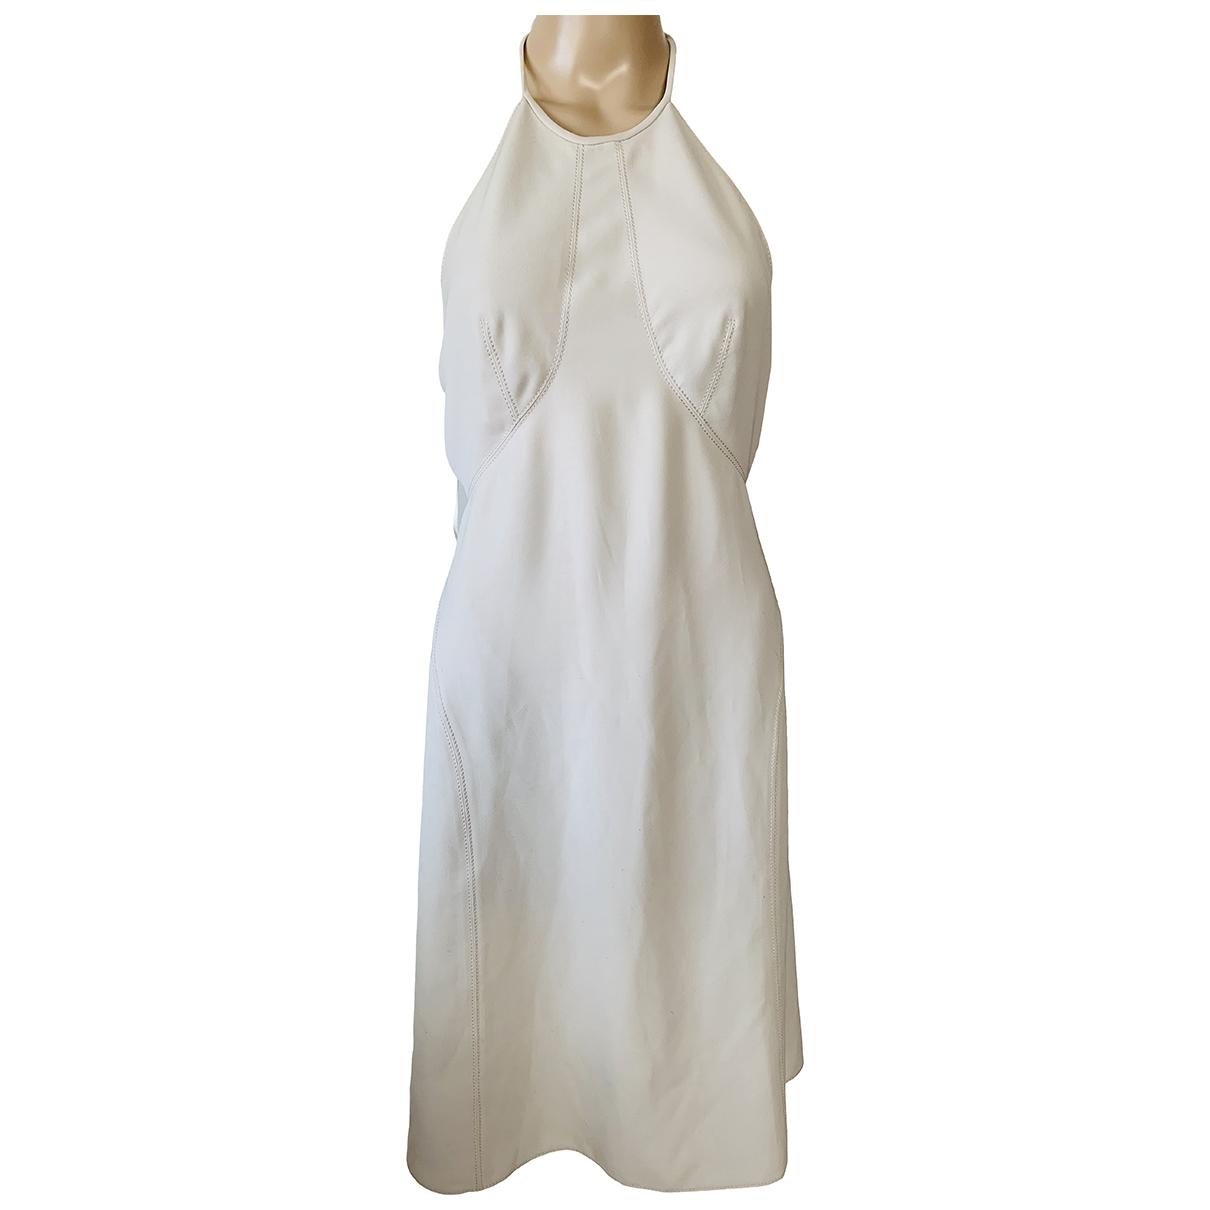 Dkny \N Kleid in  Beige Polyester